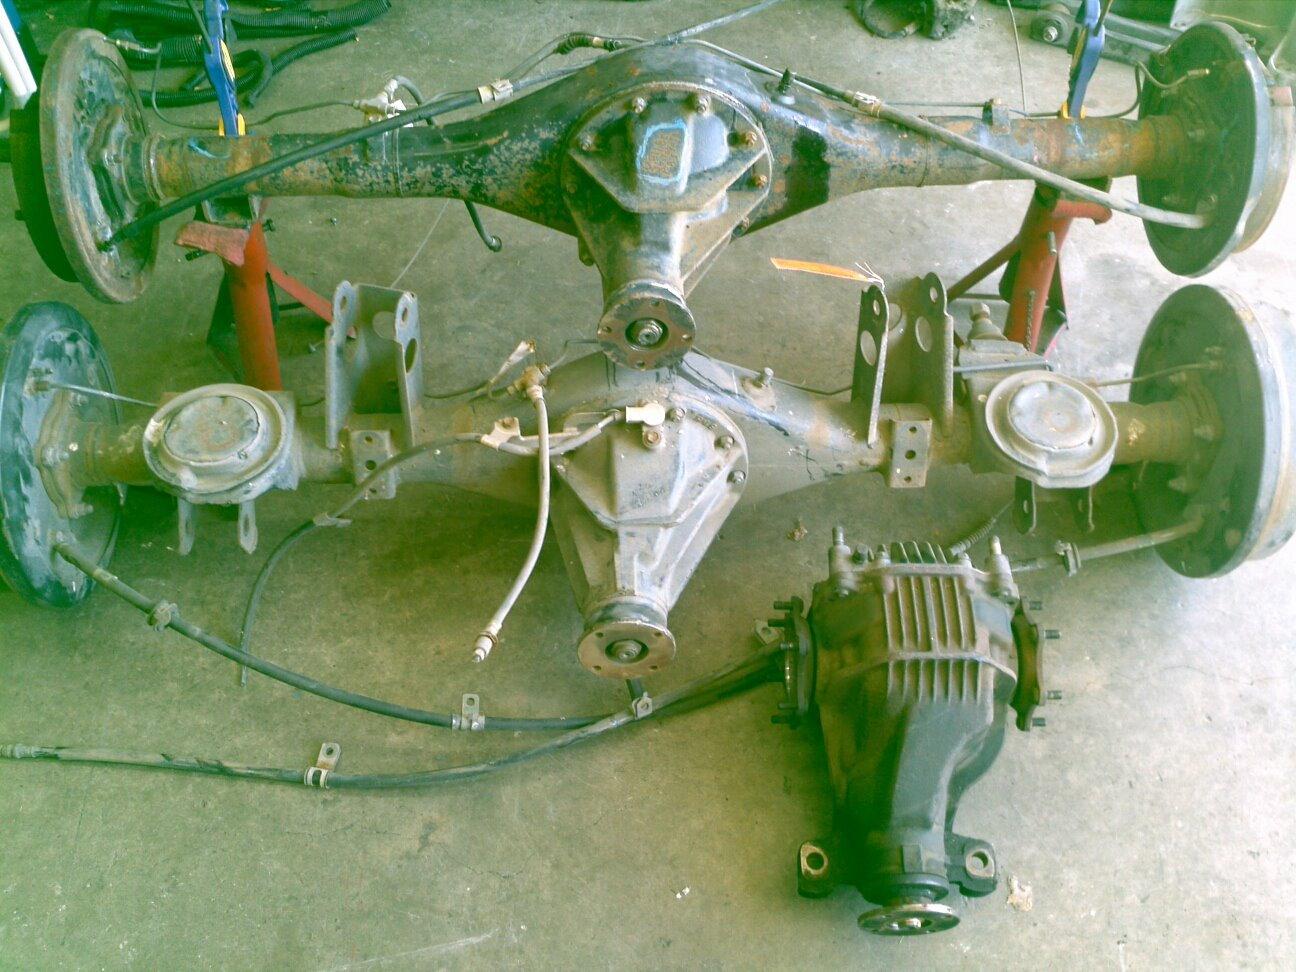 Supra rear end